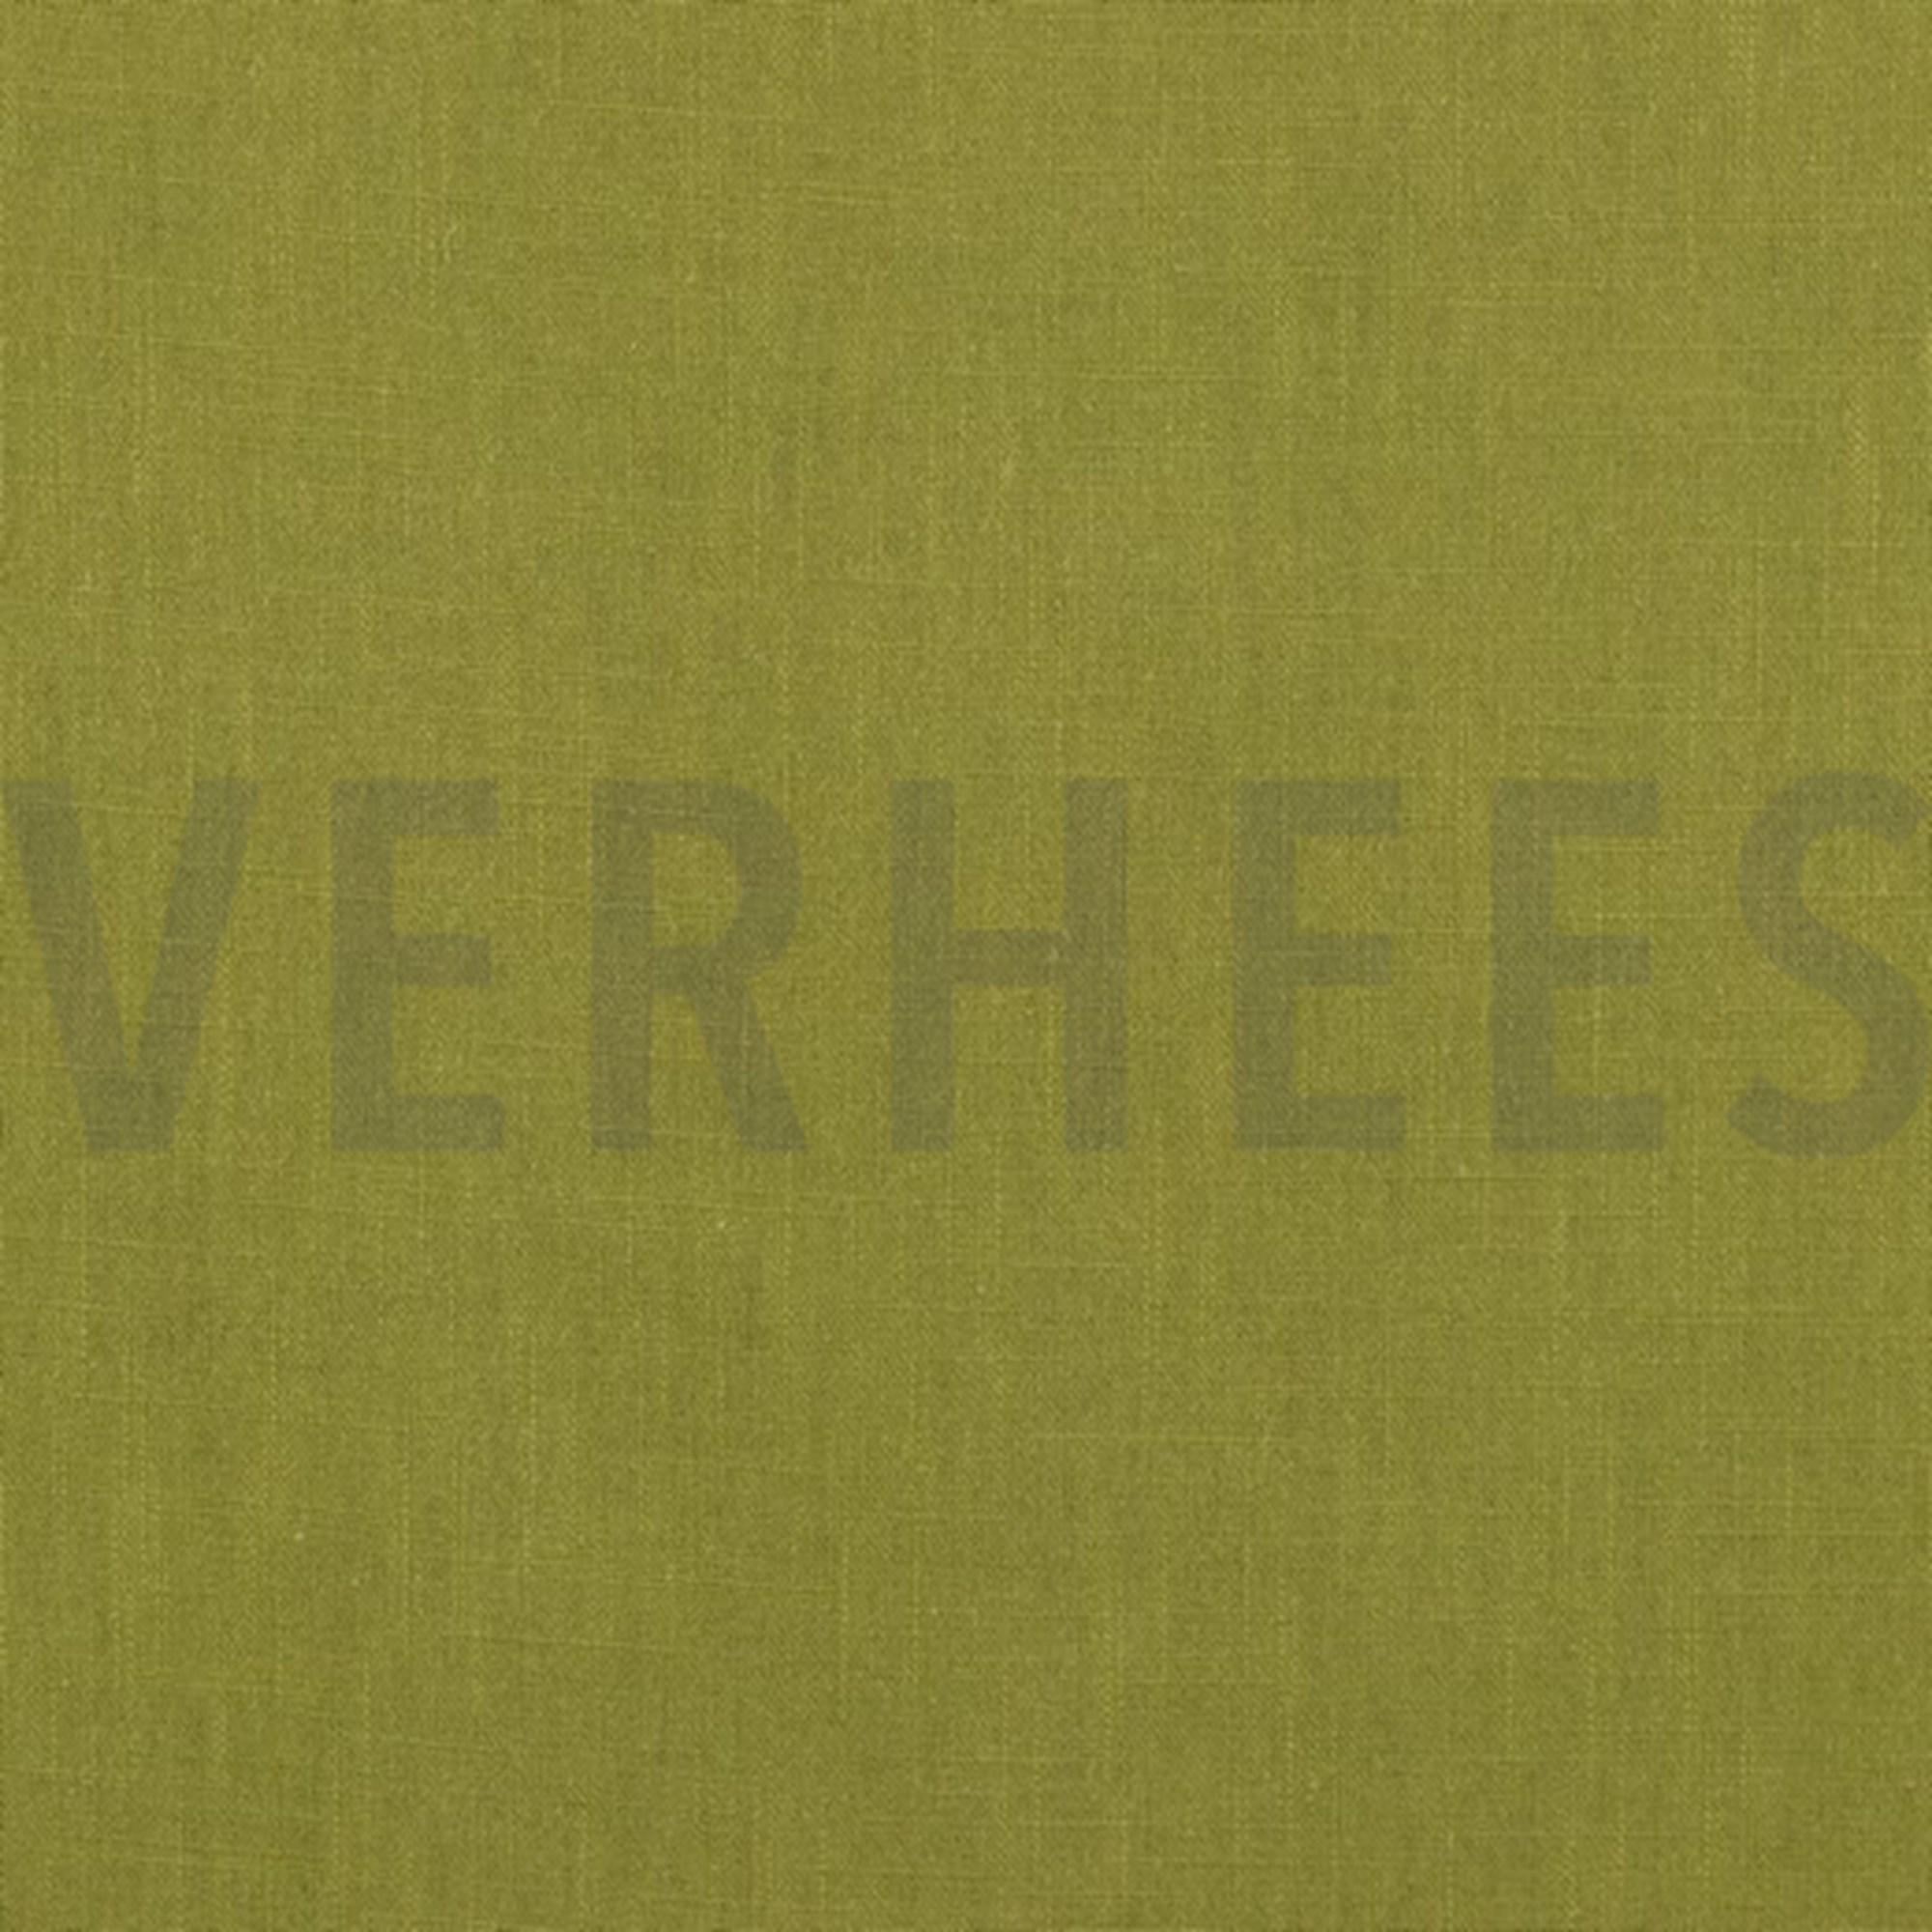 Leinen moosgrün, 140cm breit, 0.5m 7.00€